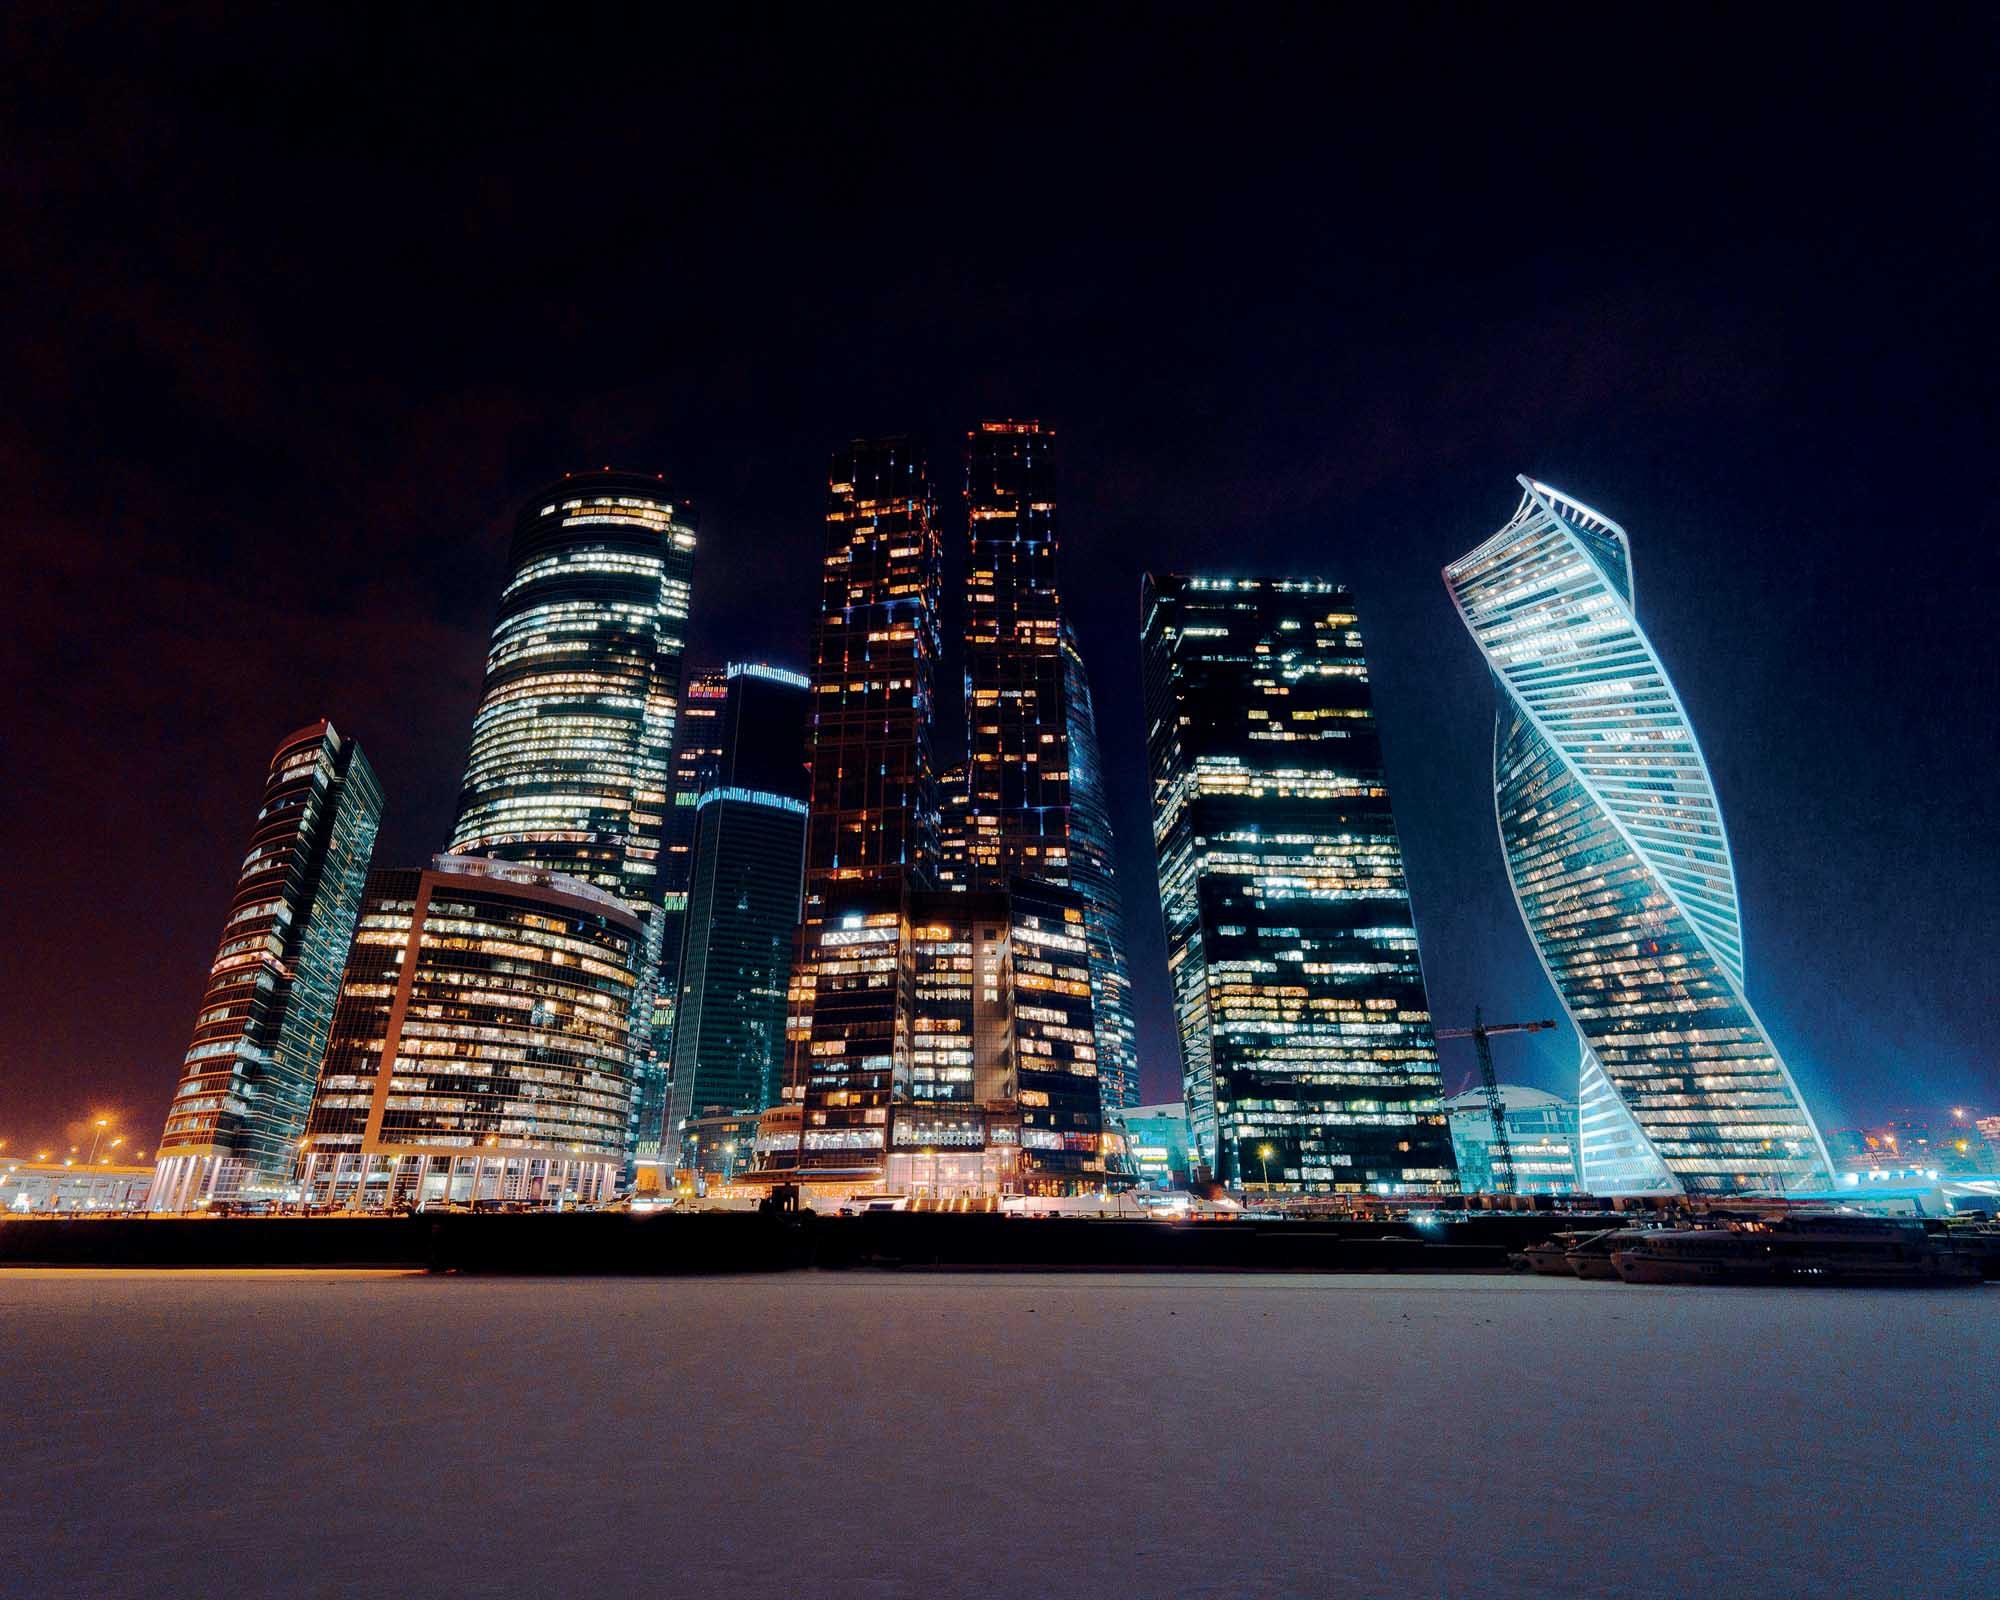 Der Evolutionsturm (rechts), zwischen 2011 und 2014 im internationalen Geschäftszentrum ‹Moskau City› vom schottische Architekturbüro RMJM gebaut, klingt mit der Kuppeldrehung der Basilius Kathedrale zusammen (siehe oben). Die zwei Gebäude wollen die Größe des Landes manifestieren.Fotografien von Nikita Karimov